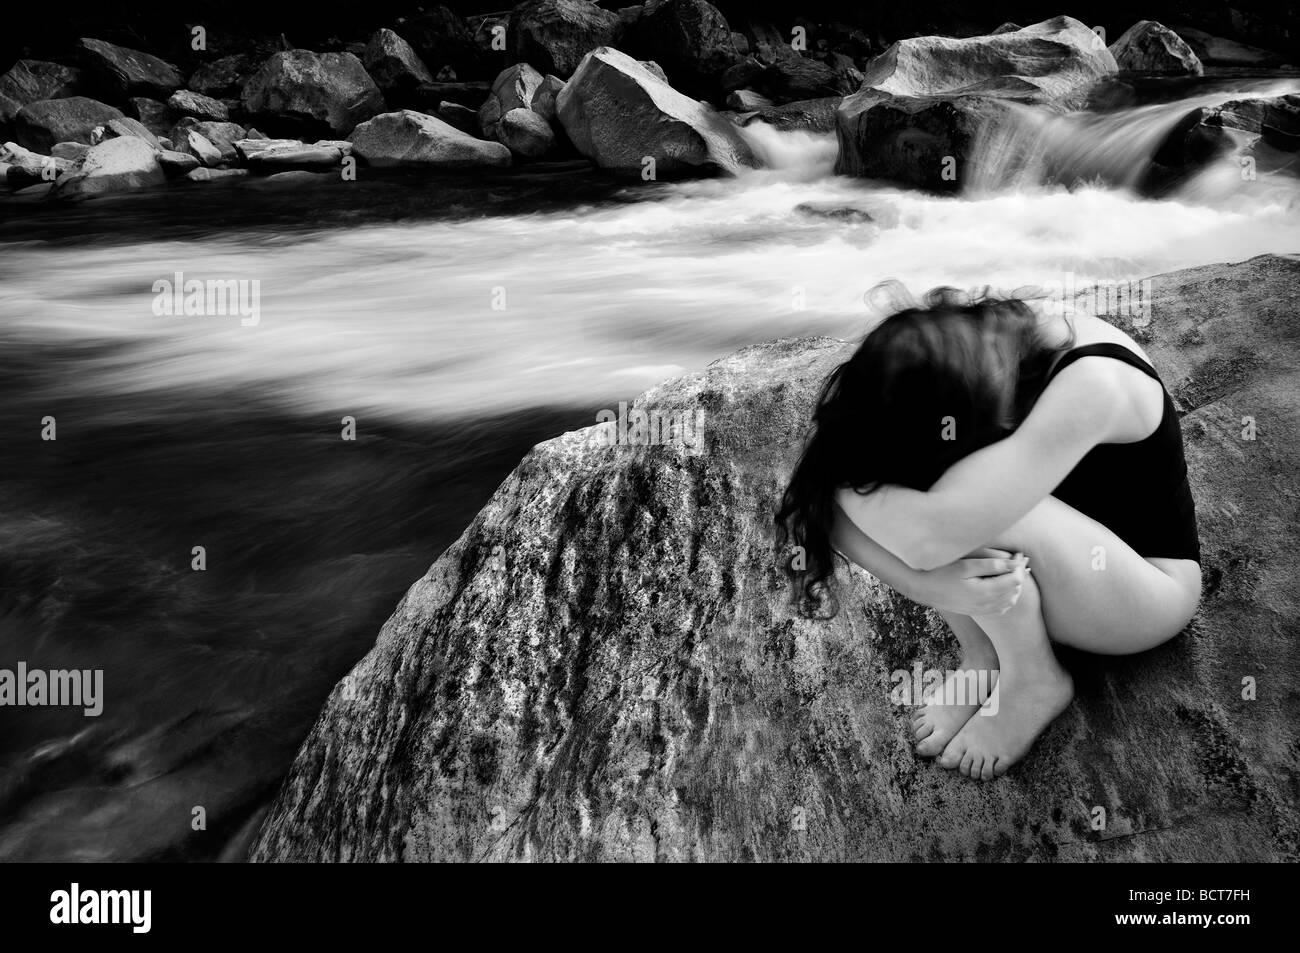 Jeune fille près d'une rivière Photo Stock